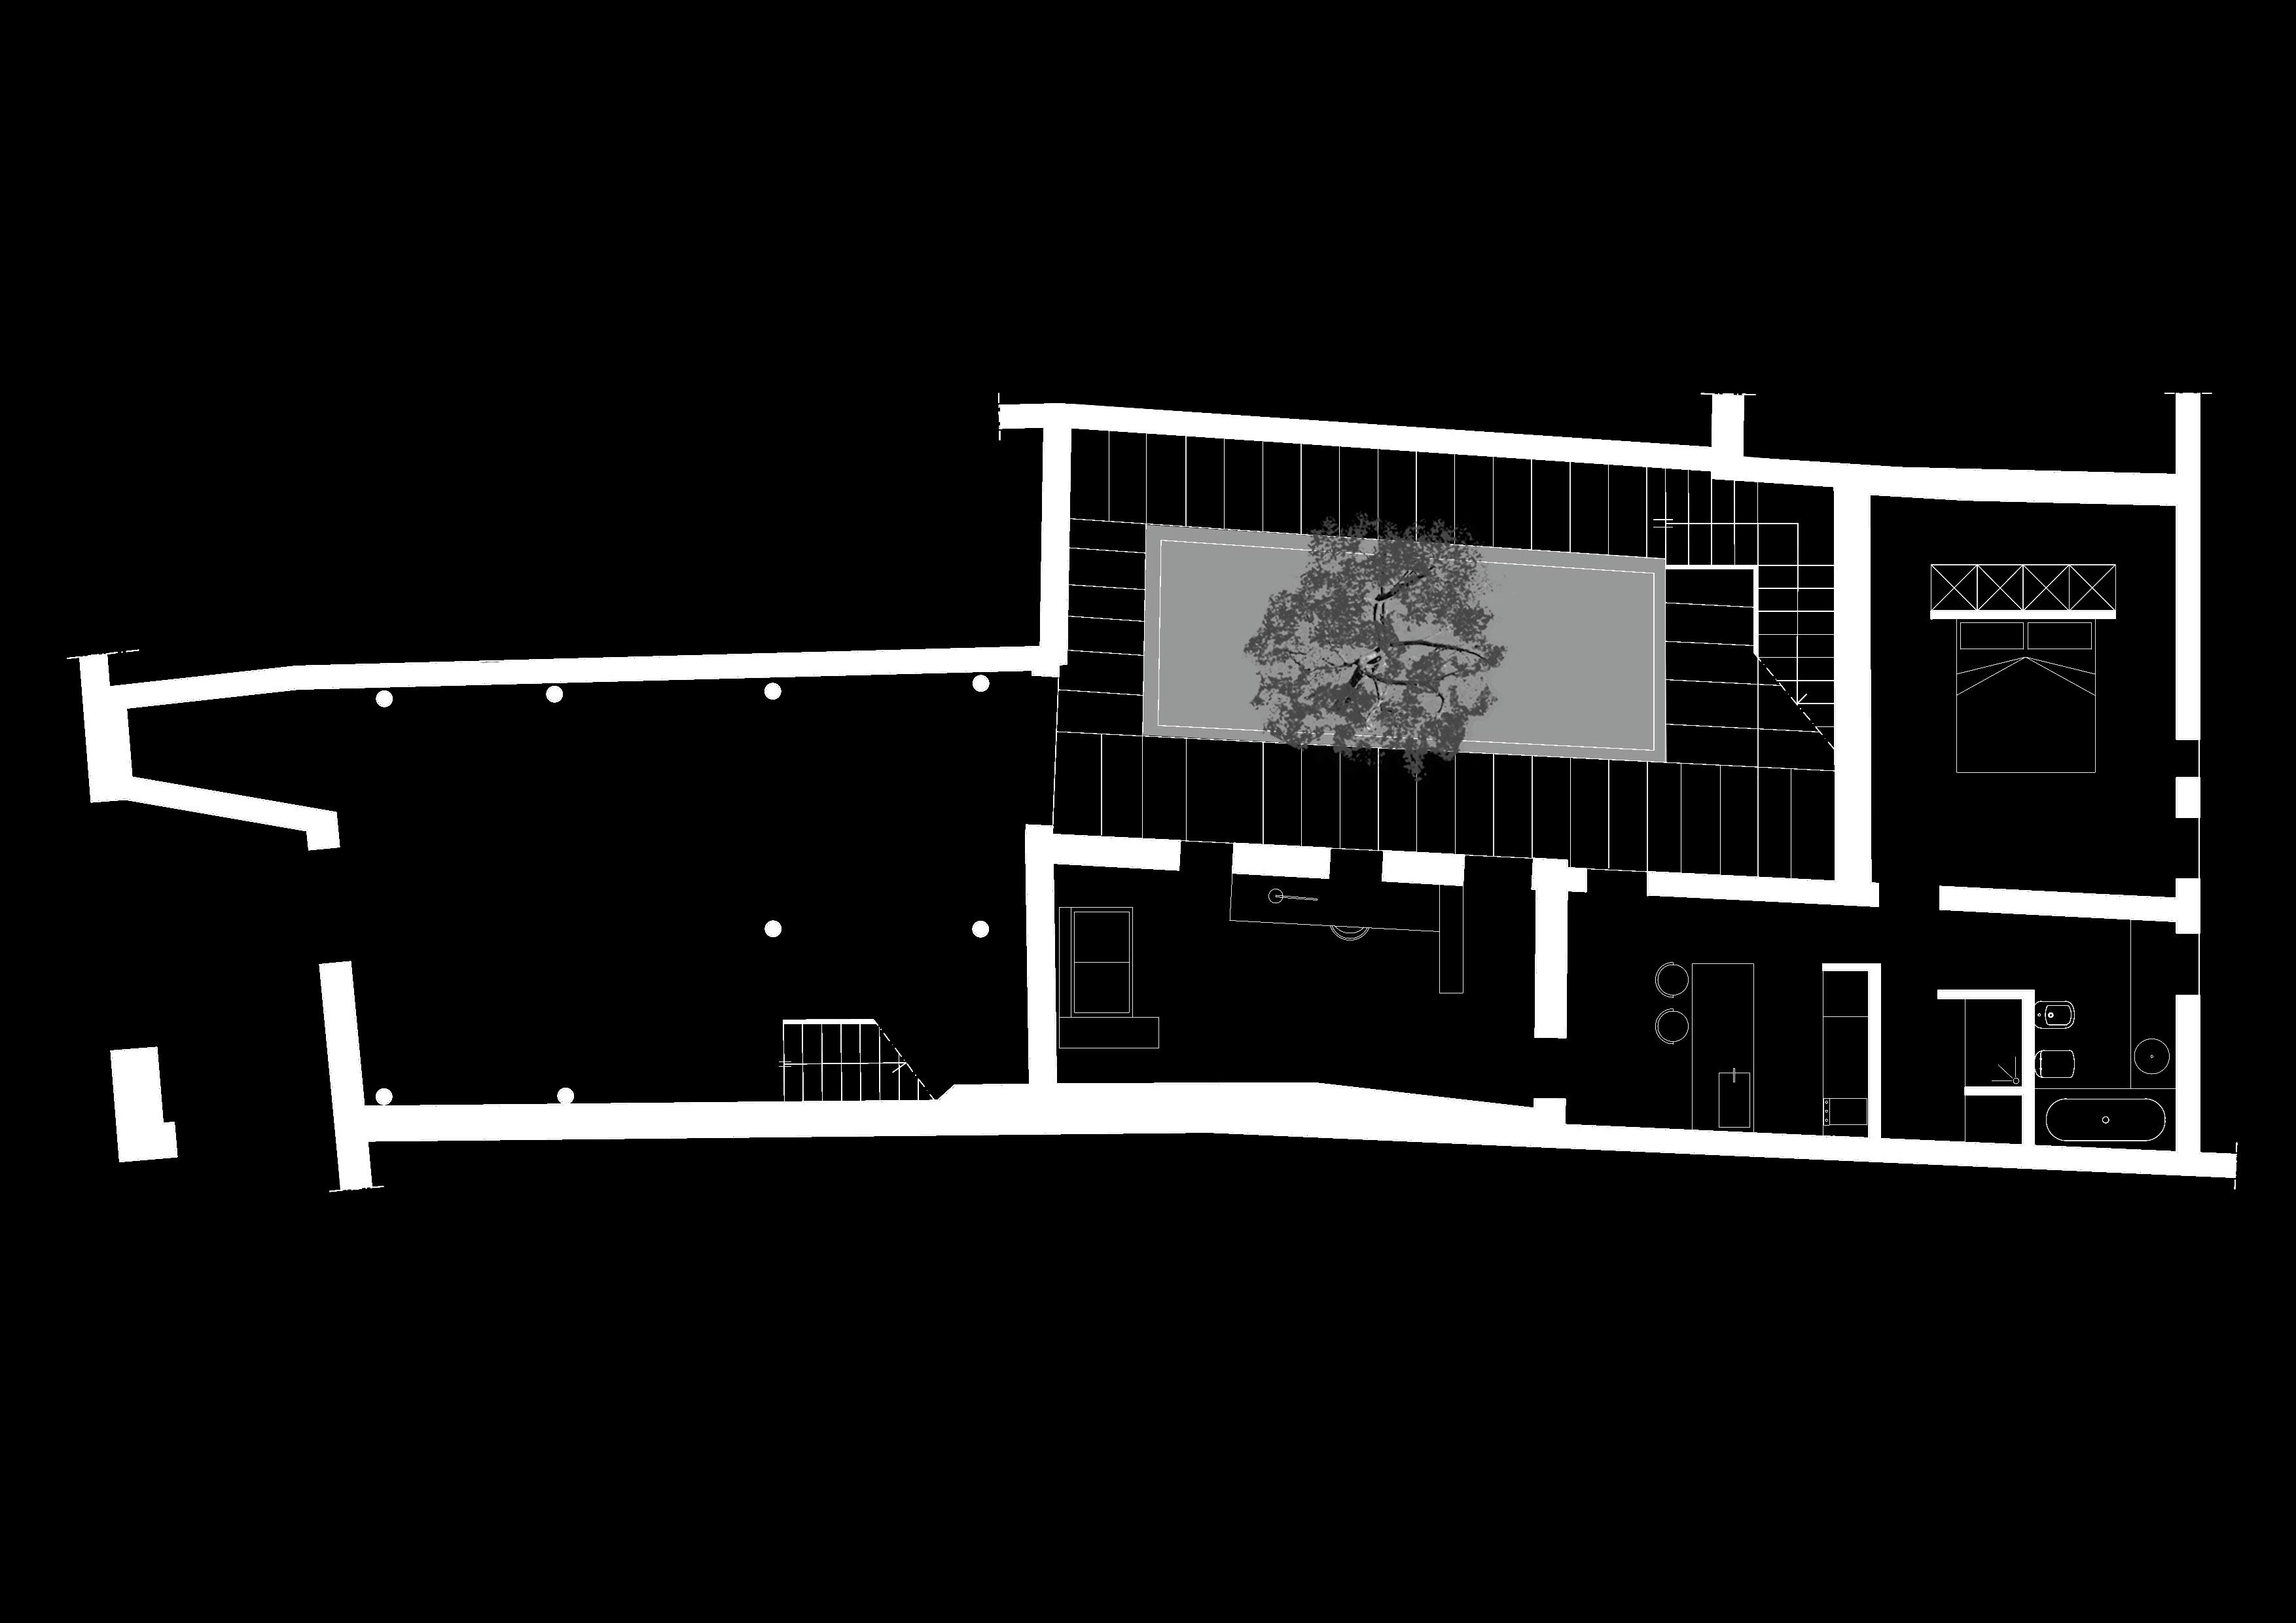 Ripristino conservativo di edificio residenziale for Software di piano terra residenziale